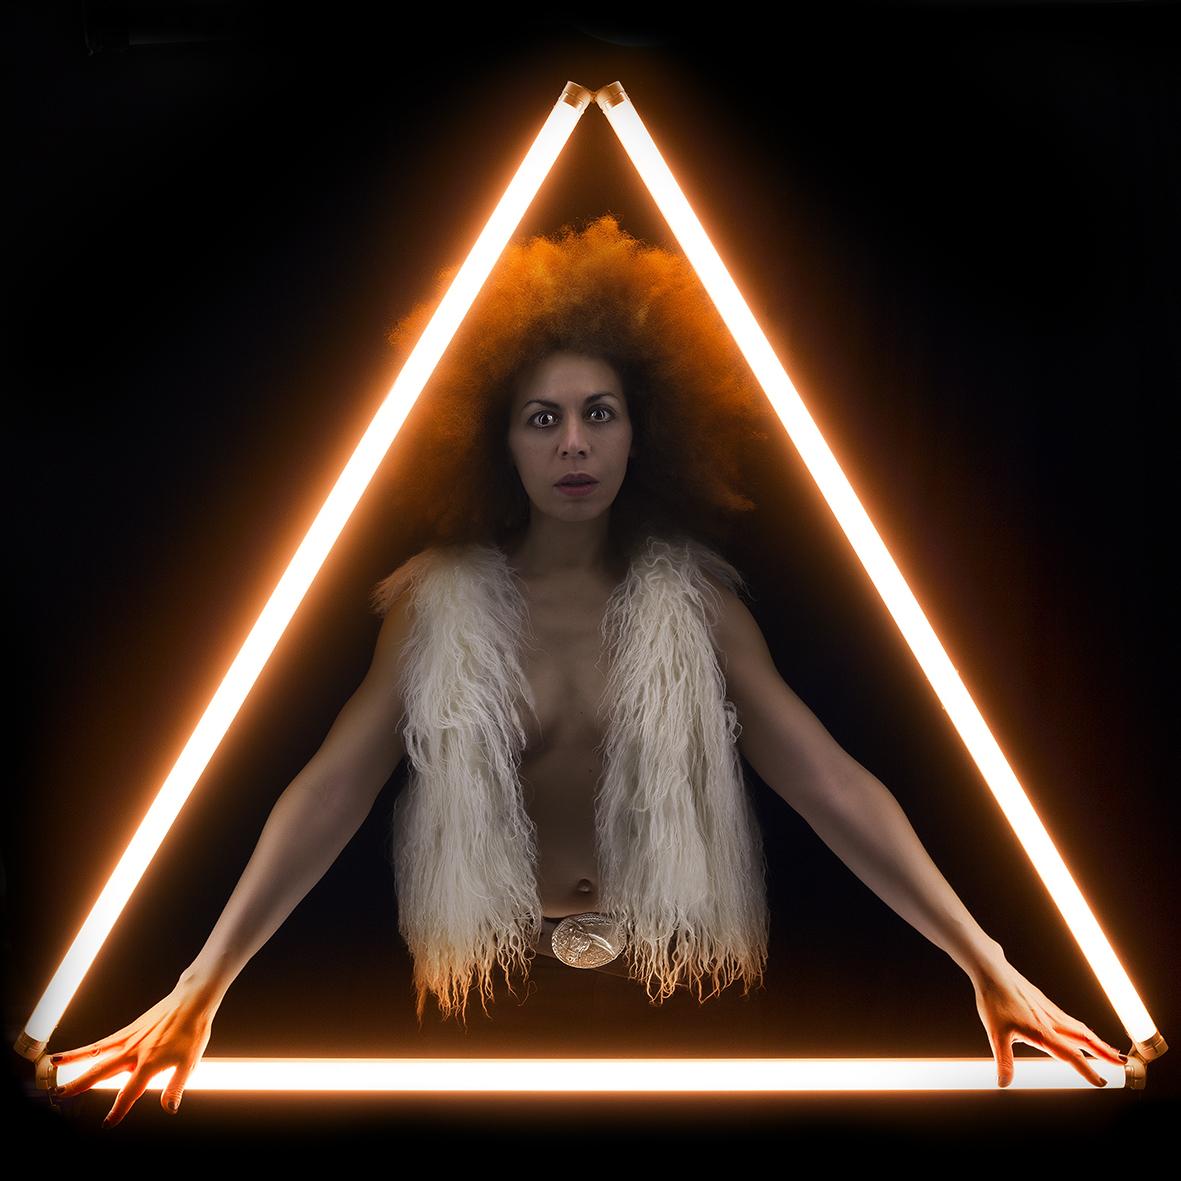 Valerie Renay spielt am Freitag in der Alten Kantine experimentellen Pop.